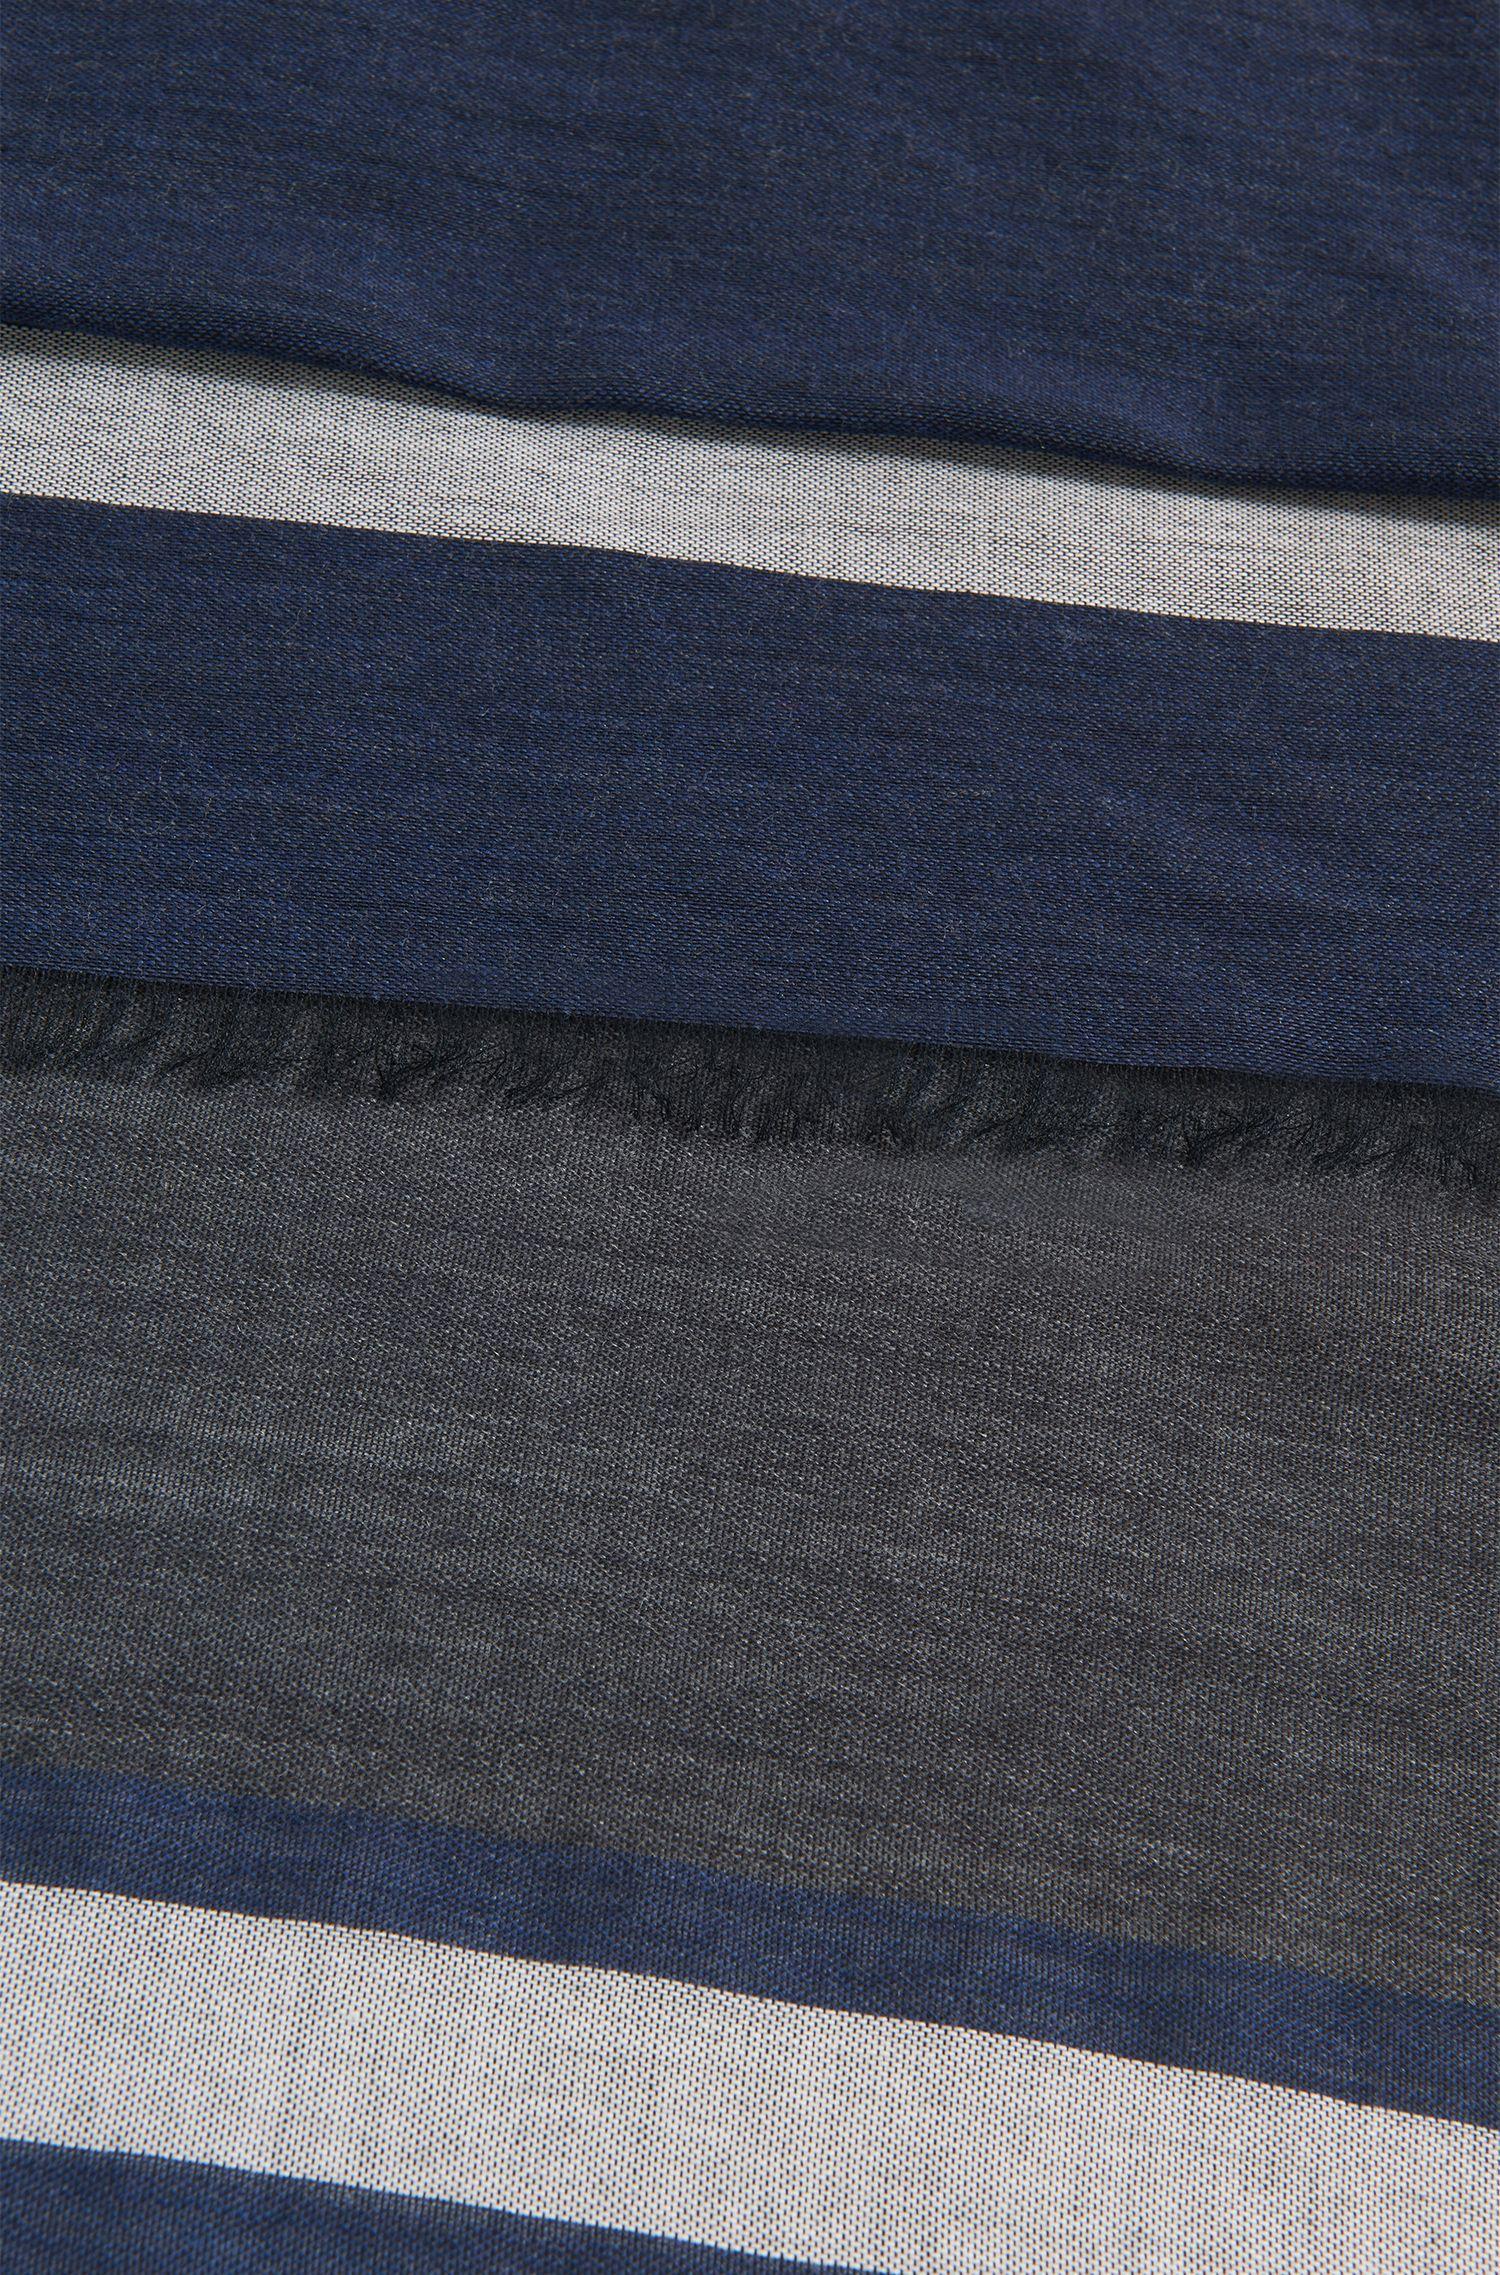 Leichter Schal aus feinem Schurwoll-Mix